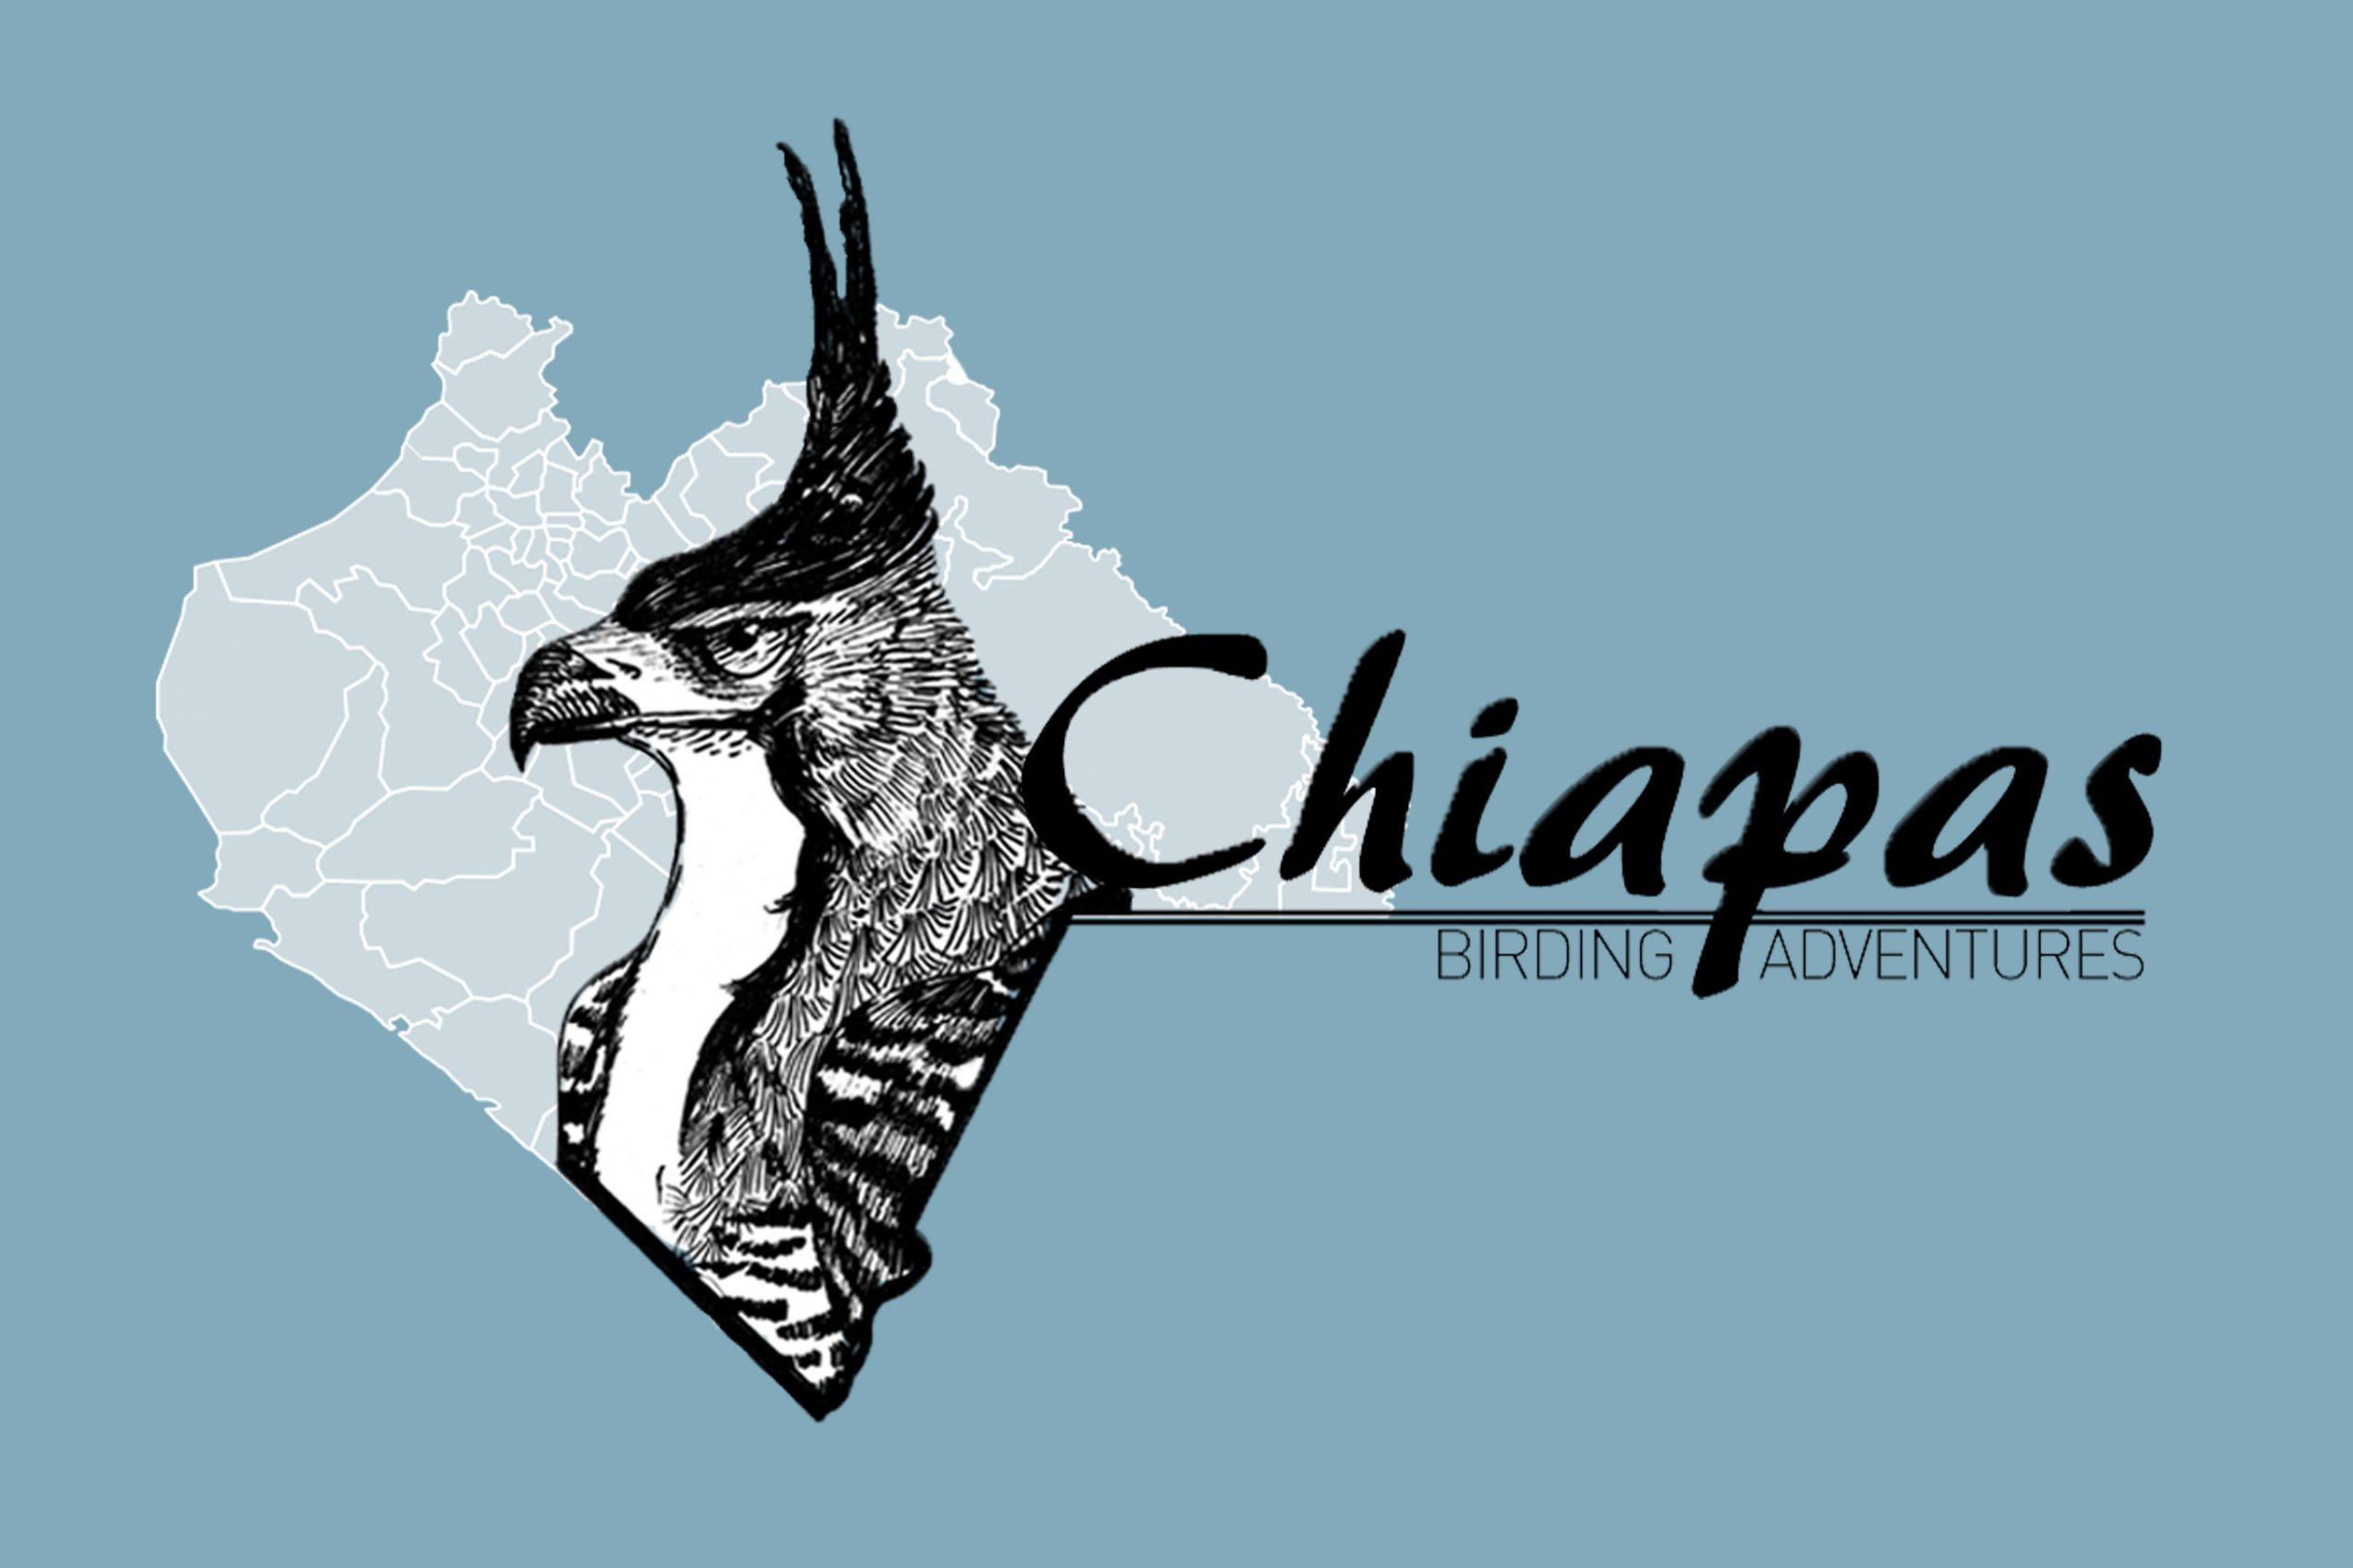 Chiapas Birding Adventures